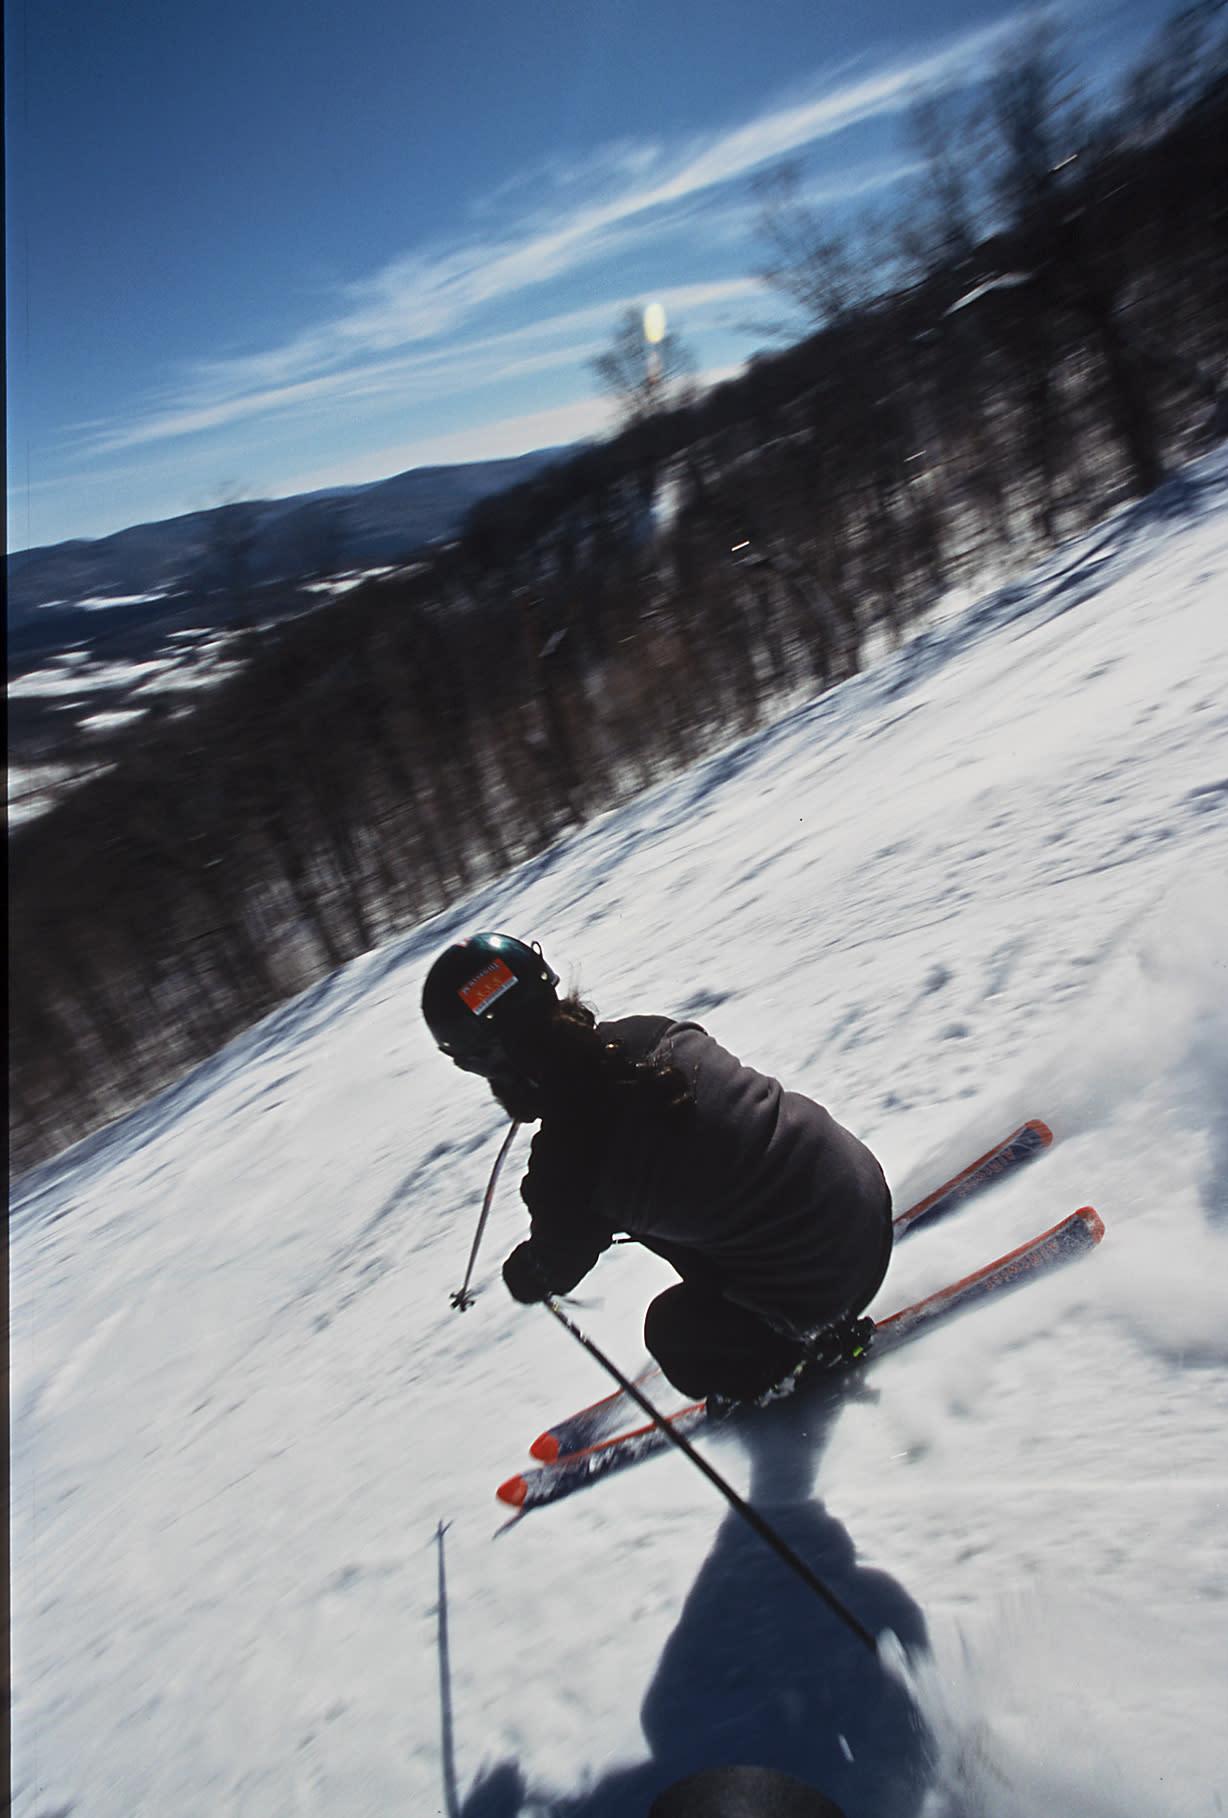 skiing at Plattekill